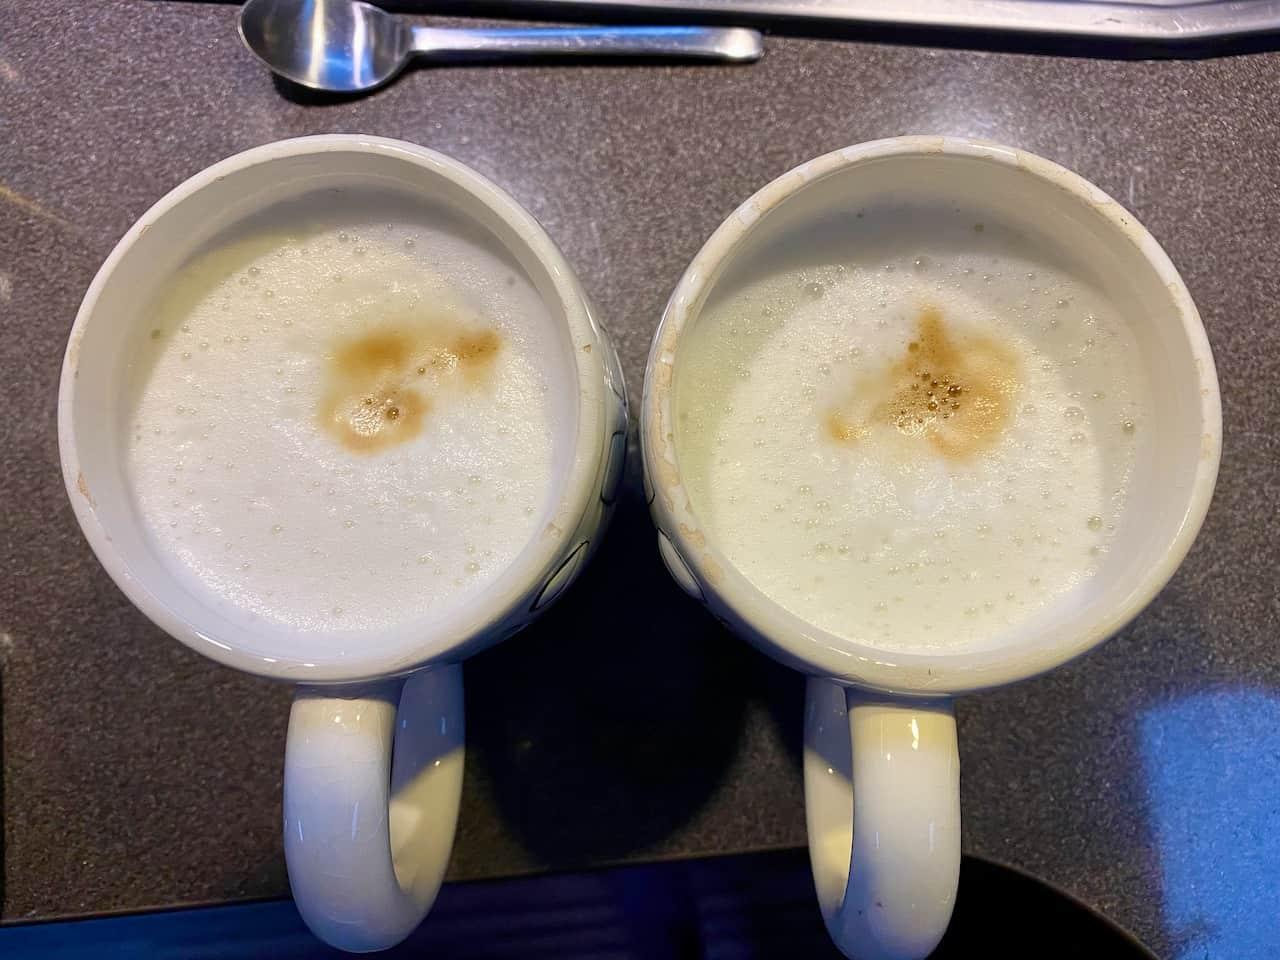 Camping-und-Kaffee-aus-der-Bialetti-Venus-fertiger-Latte-Macchiato